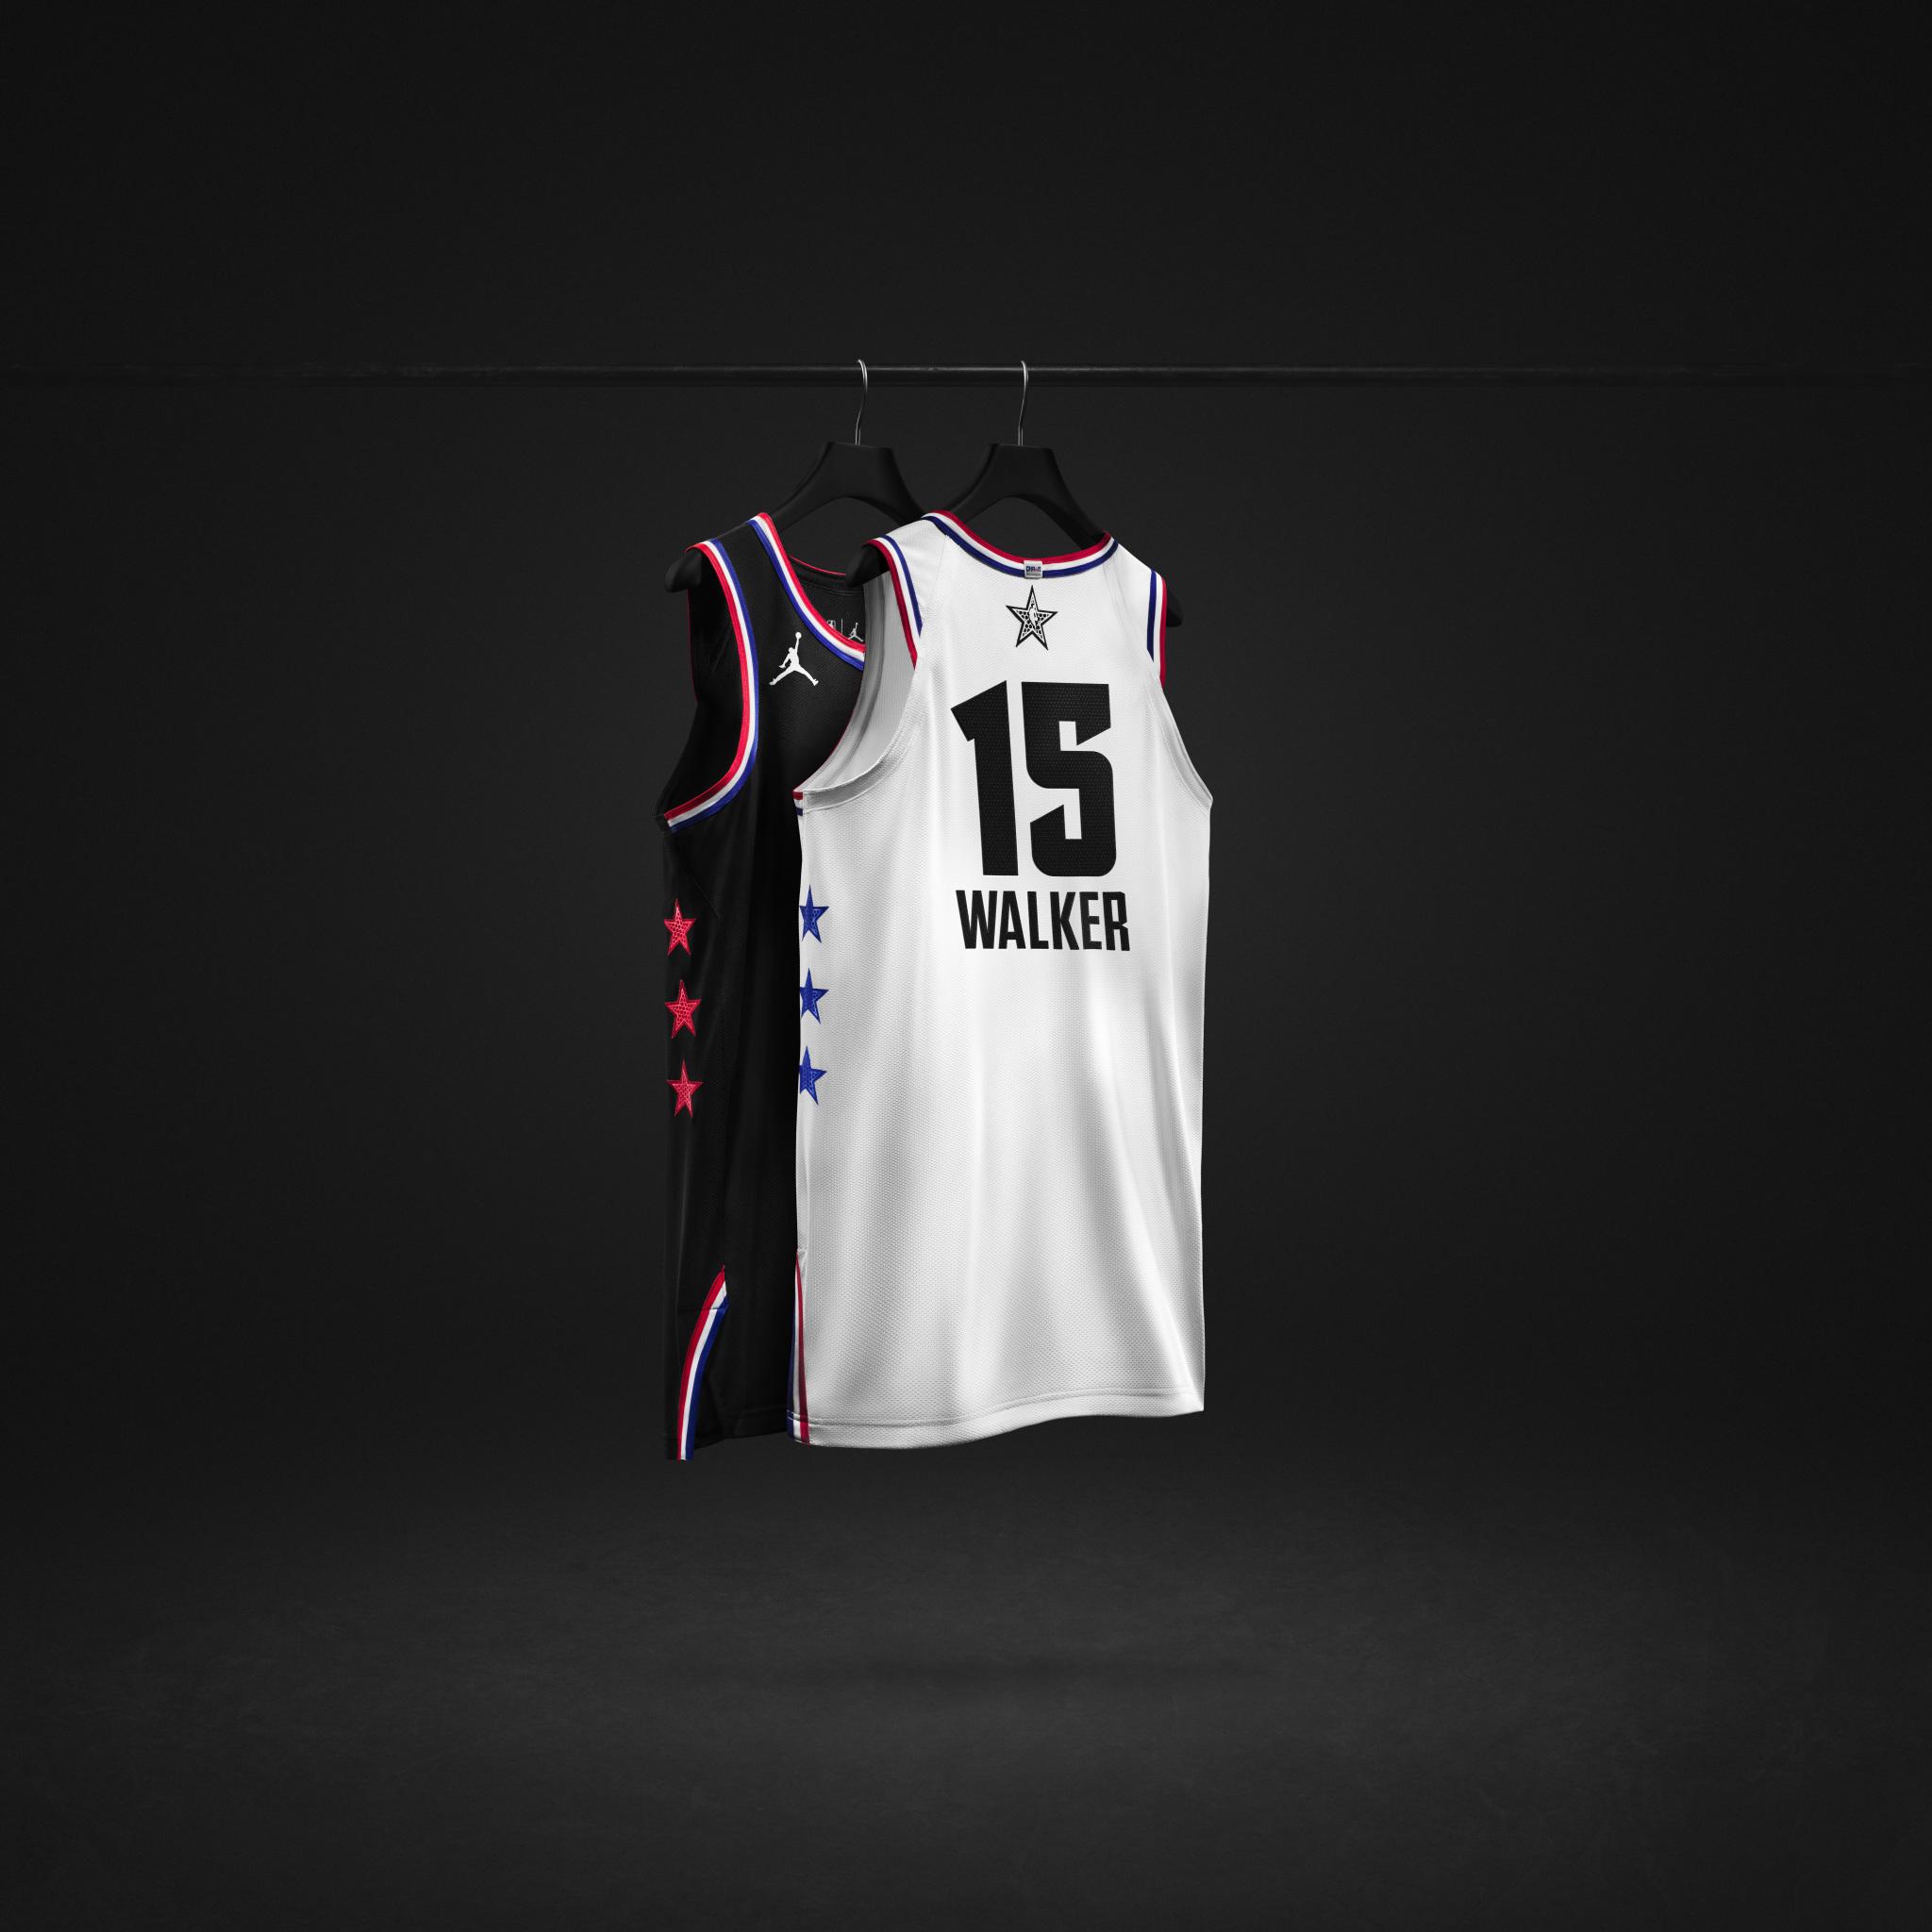 Kemba Walker Named Starter For The 2019 NBA All-Star Game 9359c834b